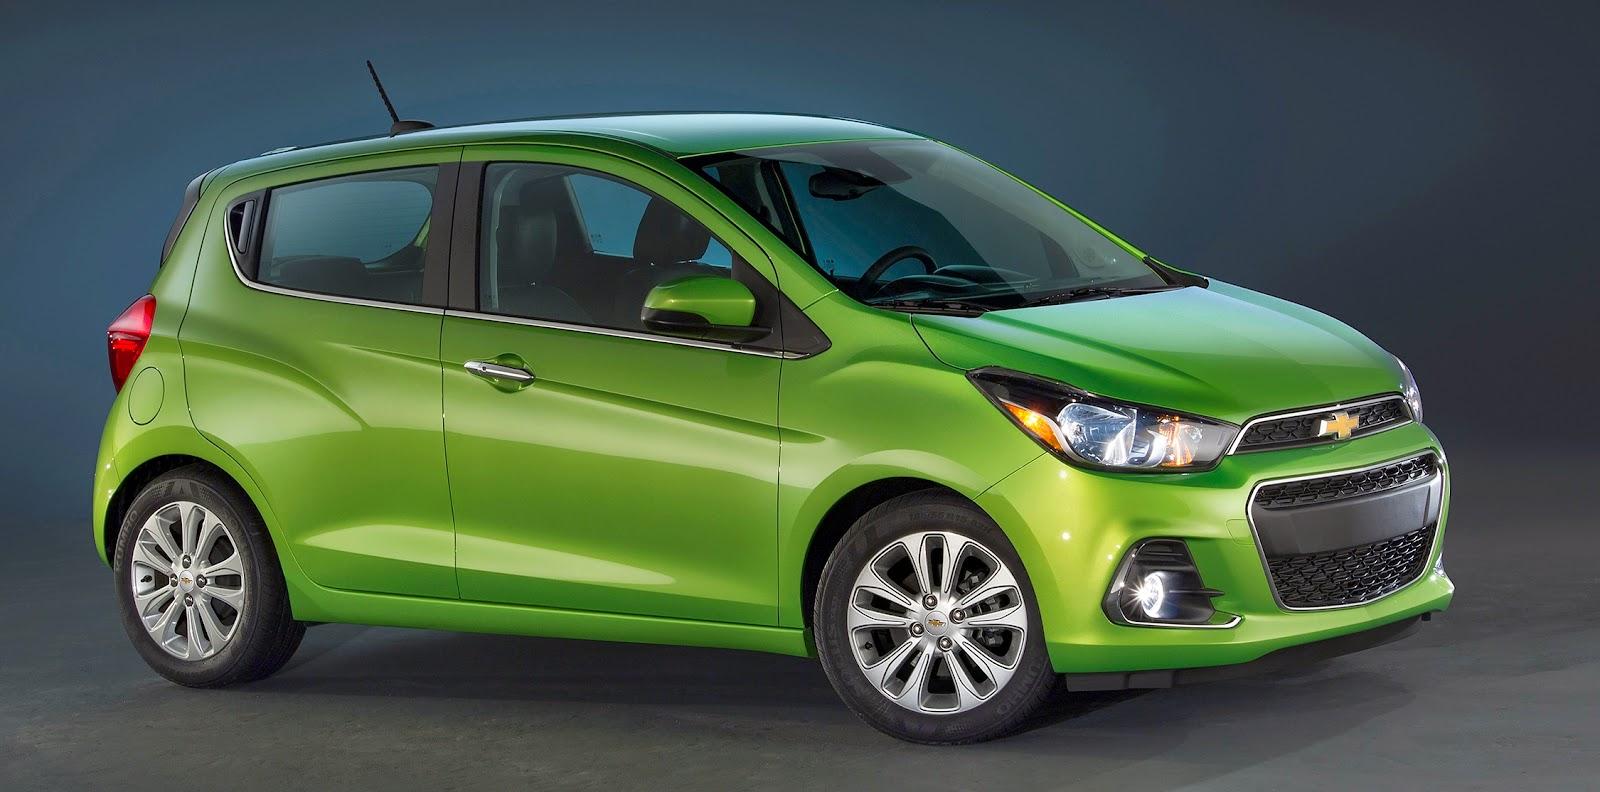 A nova geração conta com motor 1.4 Ecotec de quatro cilindros com 98  horsepower 4da9a95d33e7b